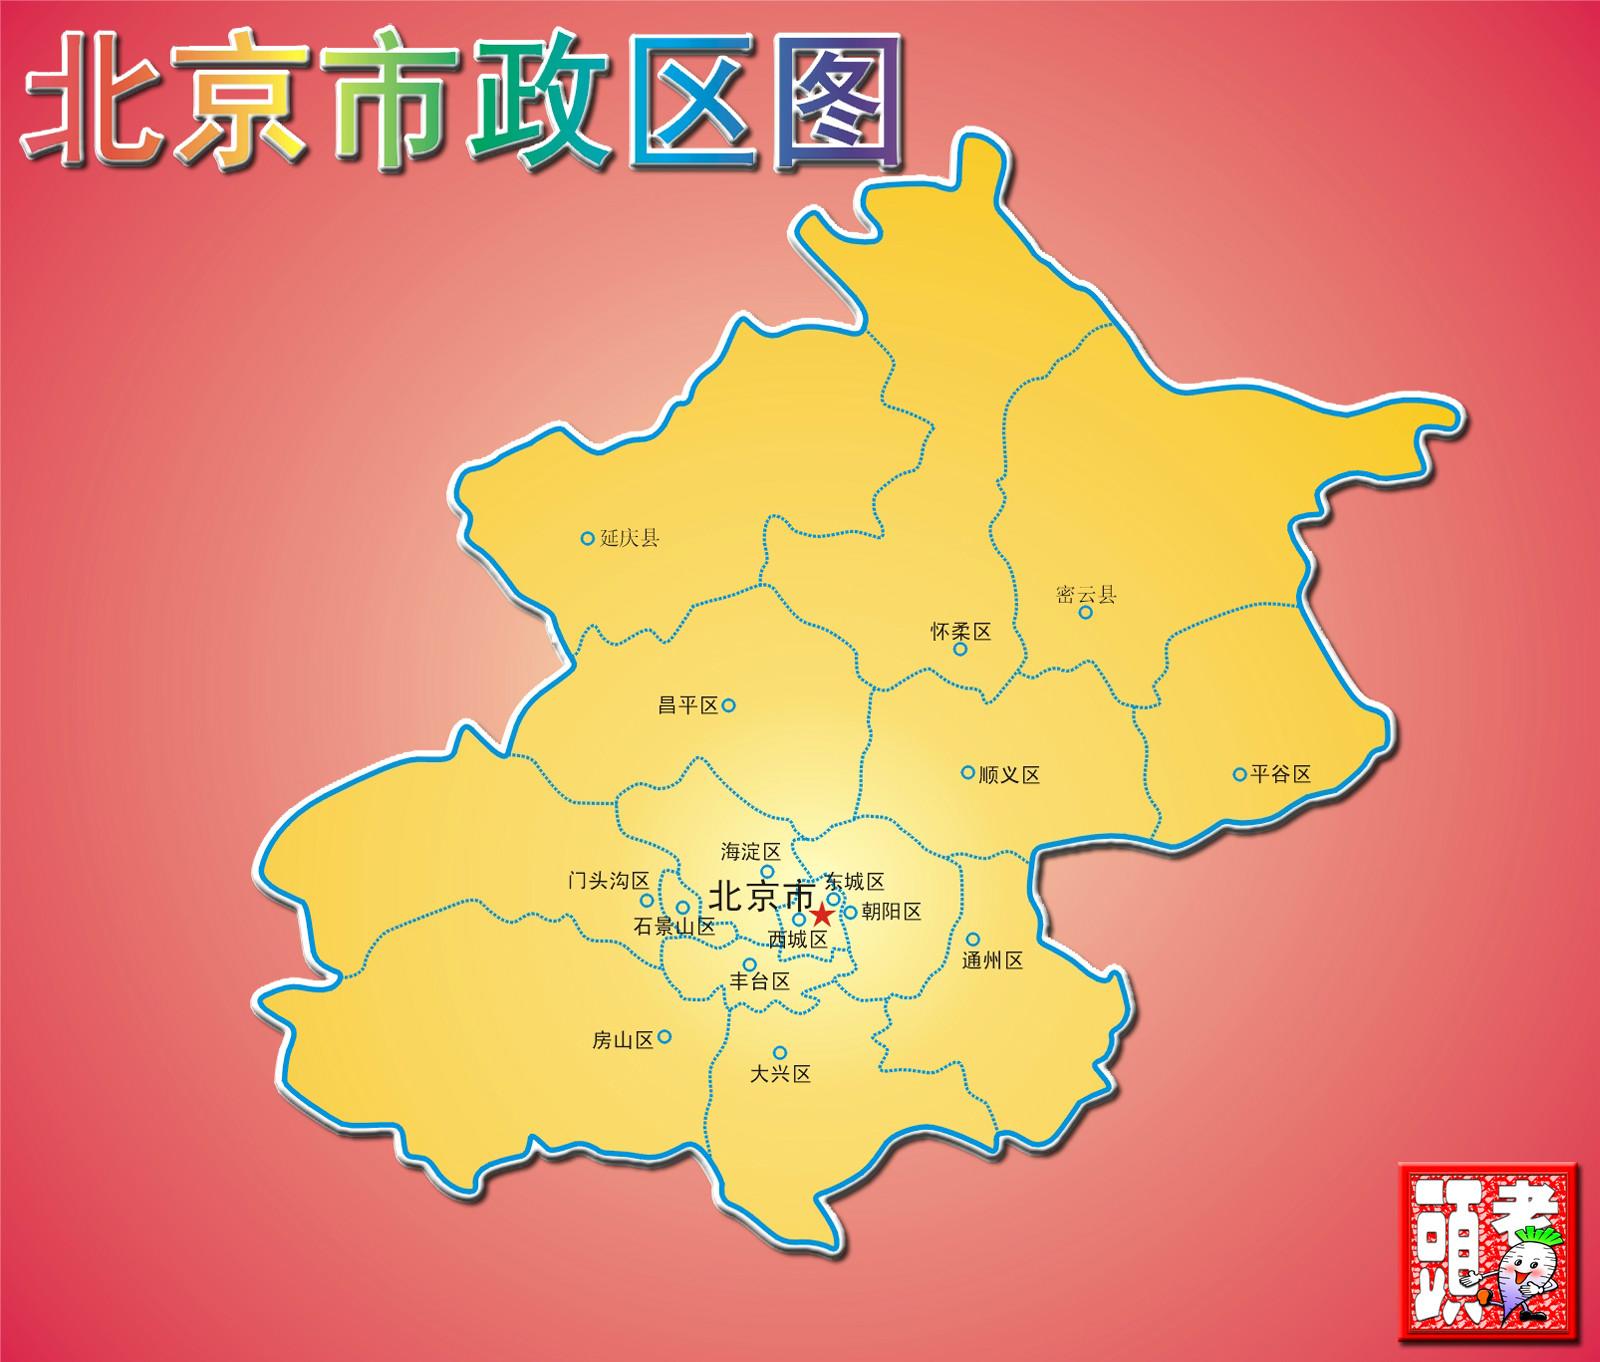 北京市行政区域图_北京地图查询